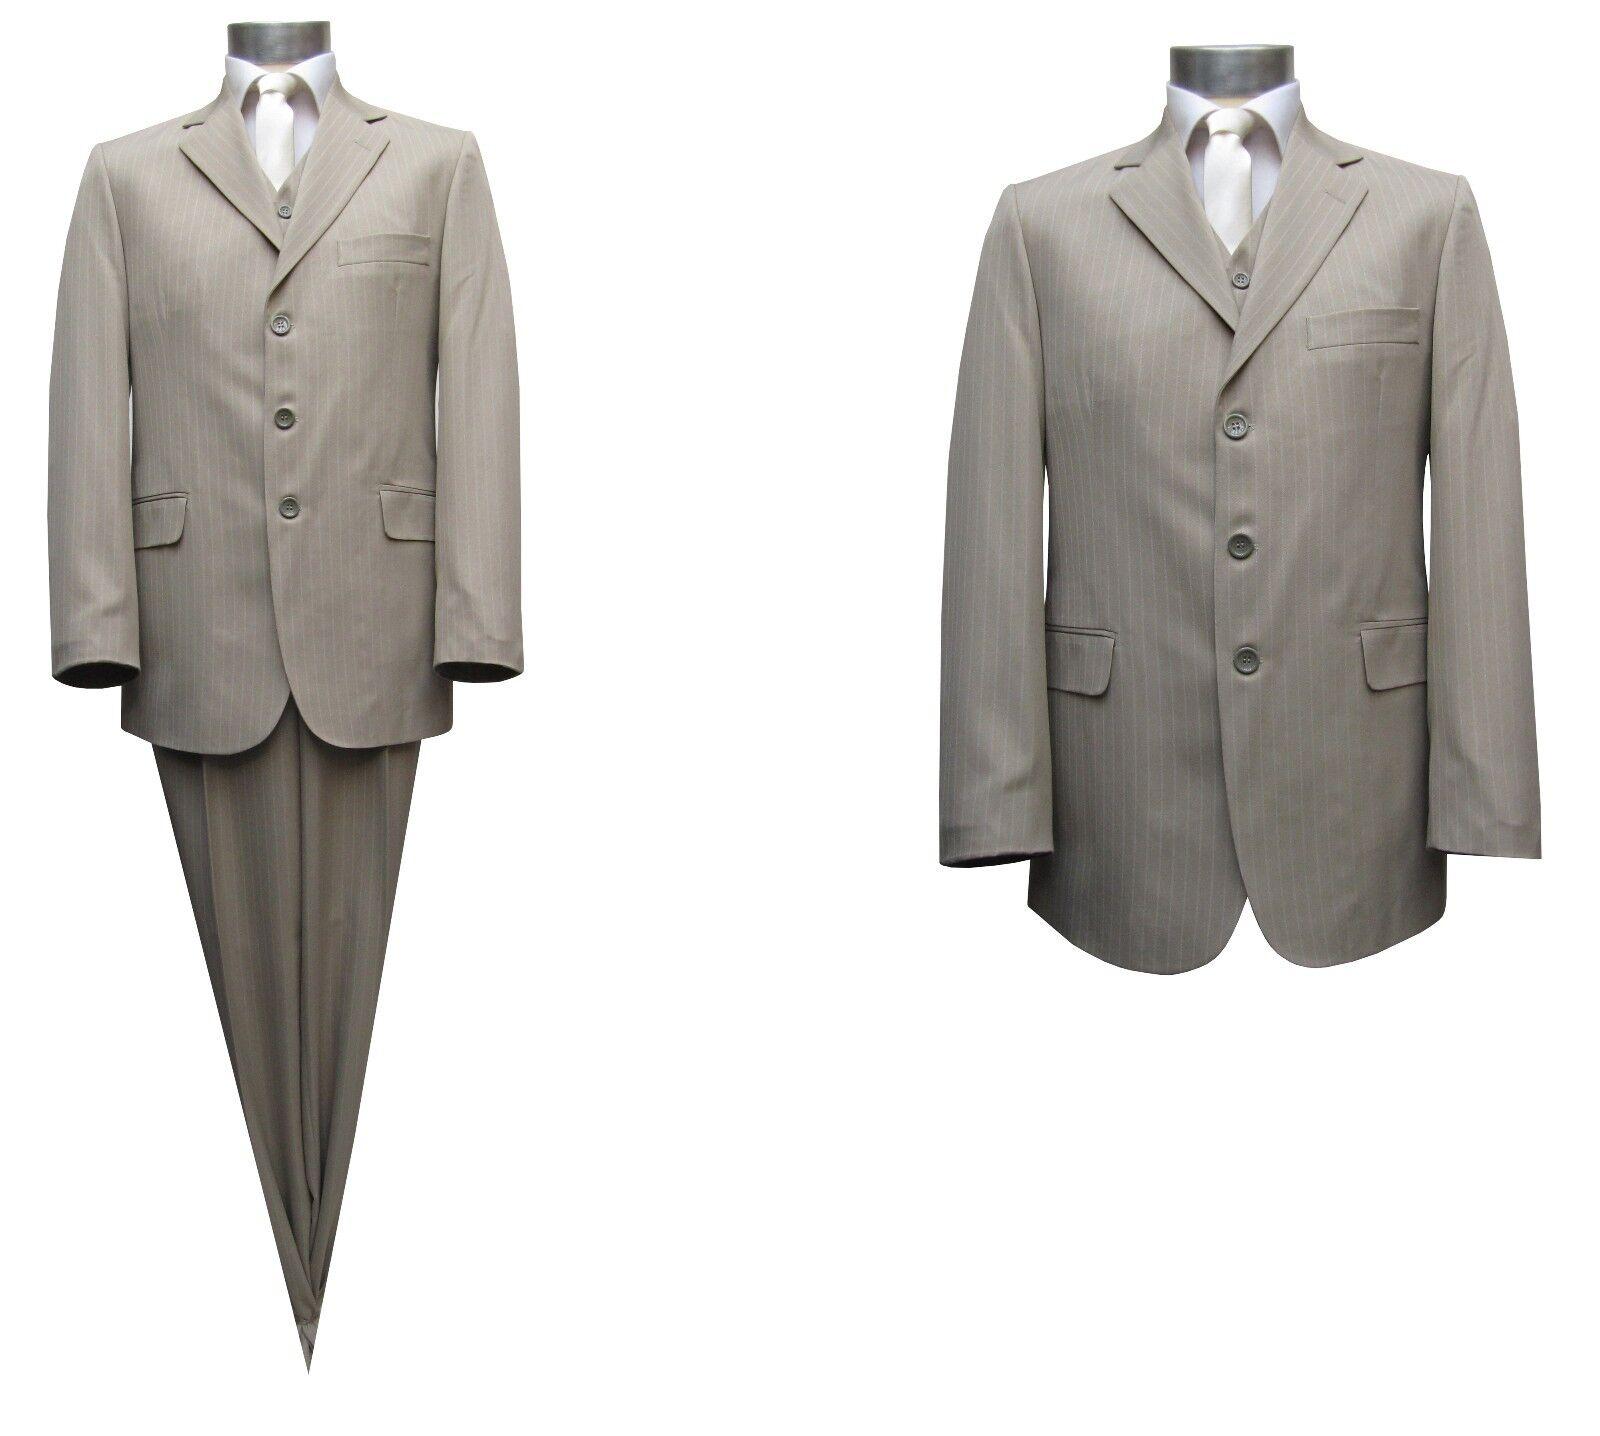 Streifen Herren Anzug 3-teilig Gr.122 Beige